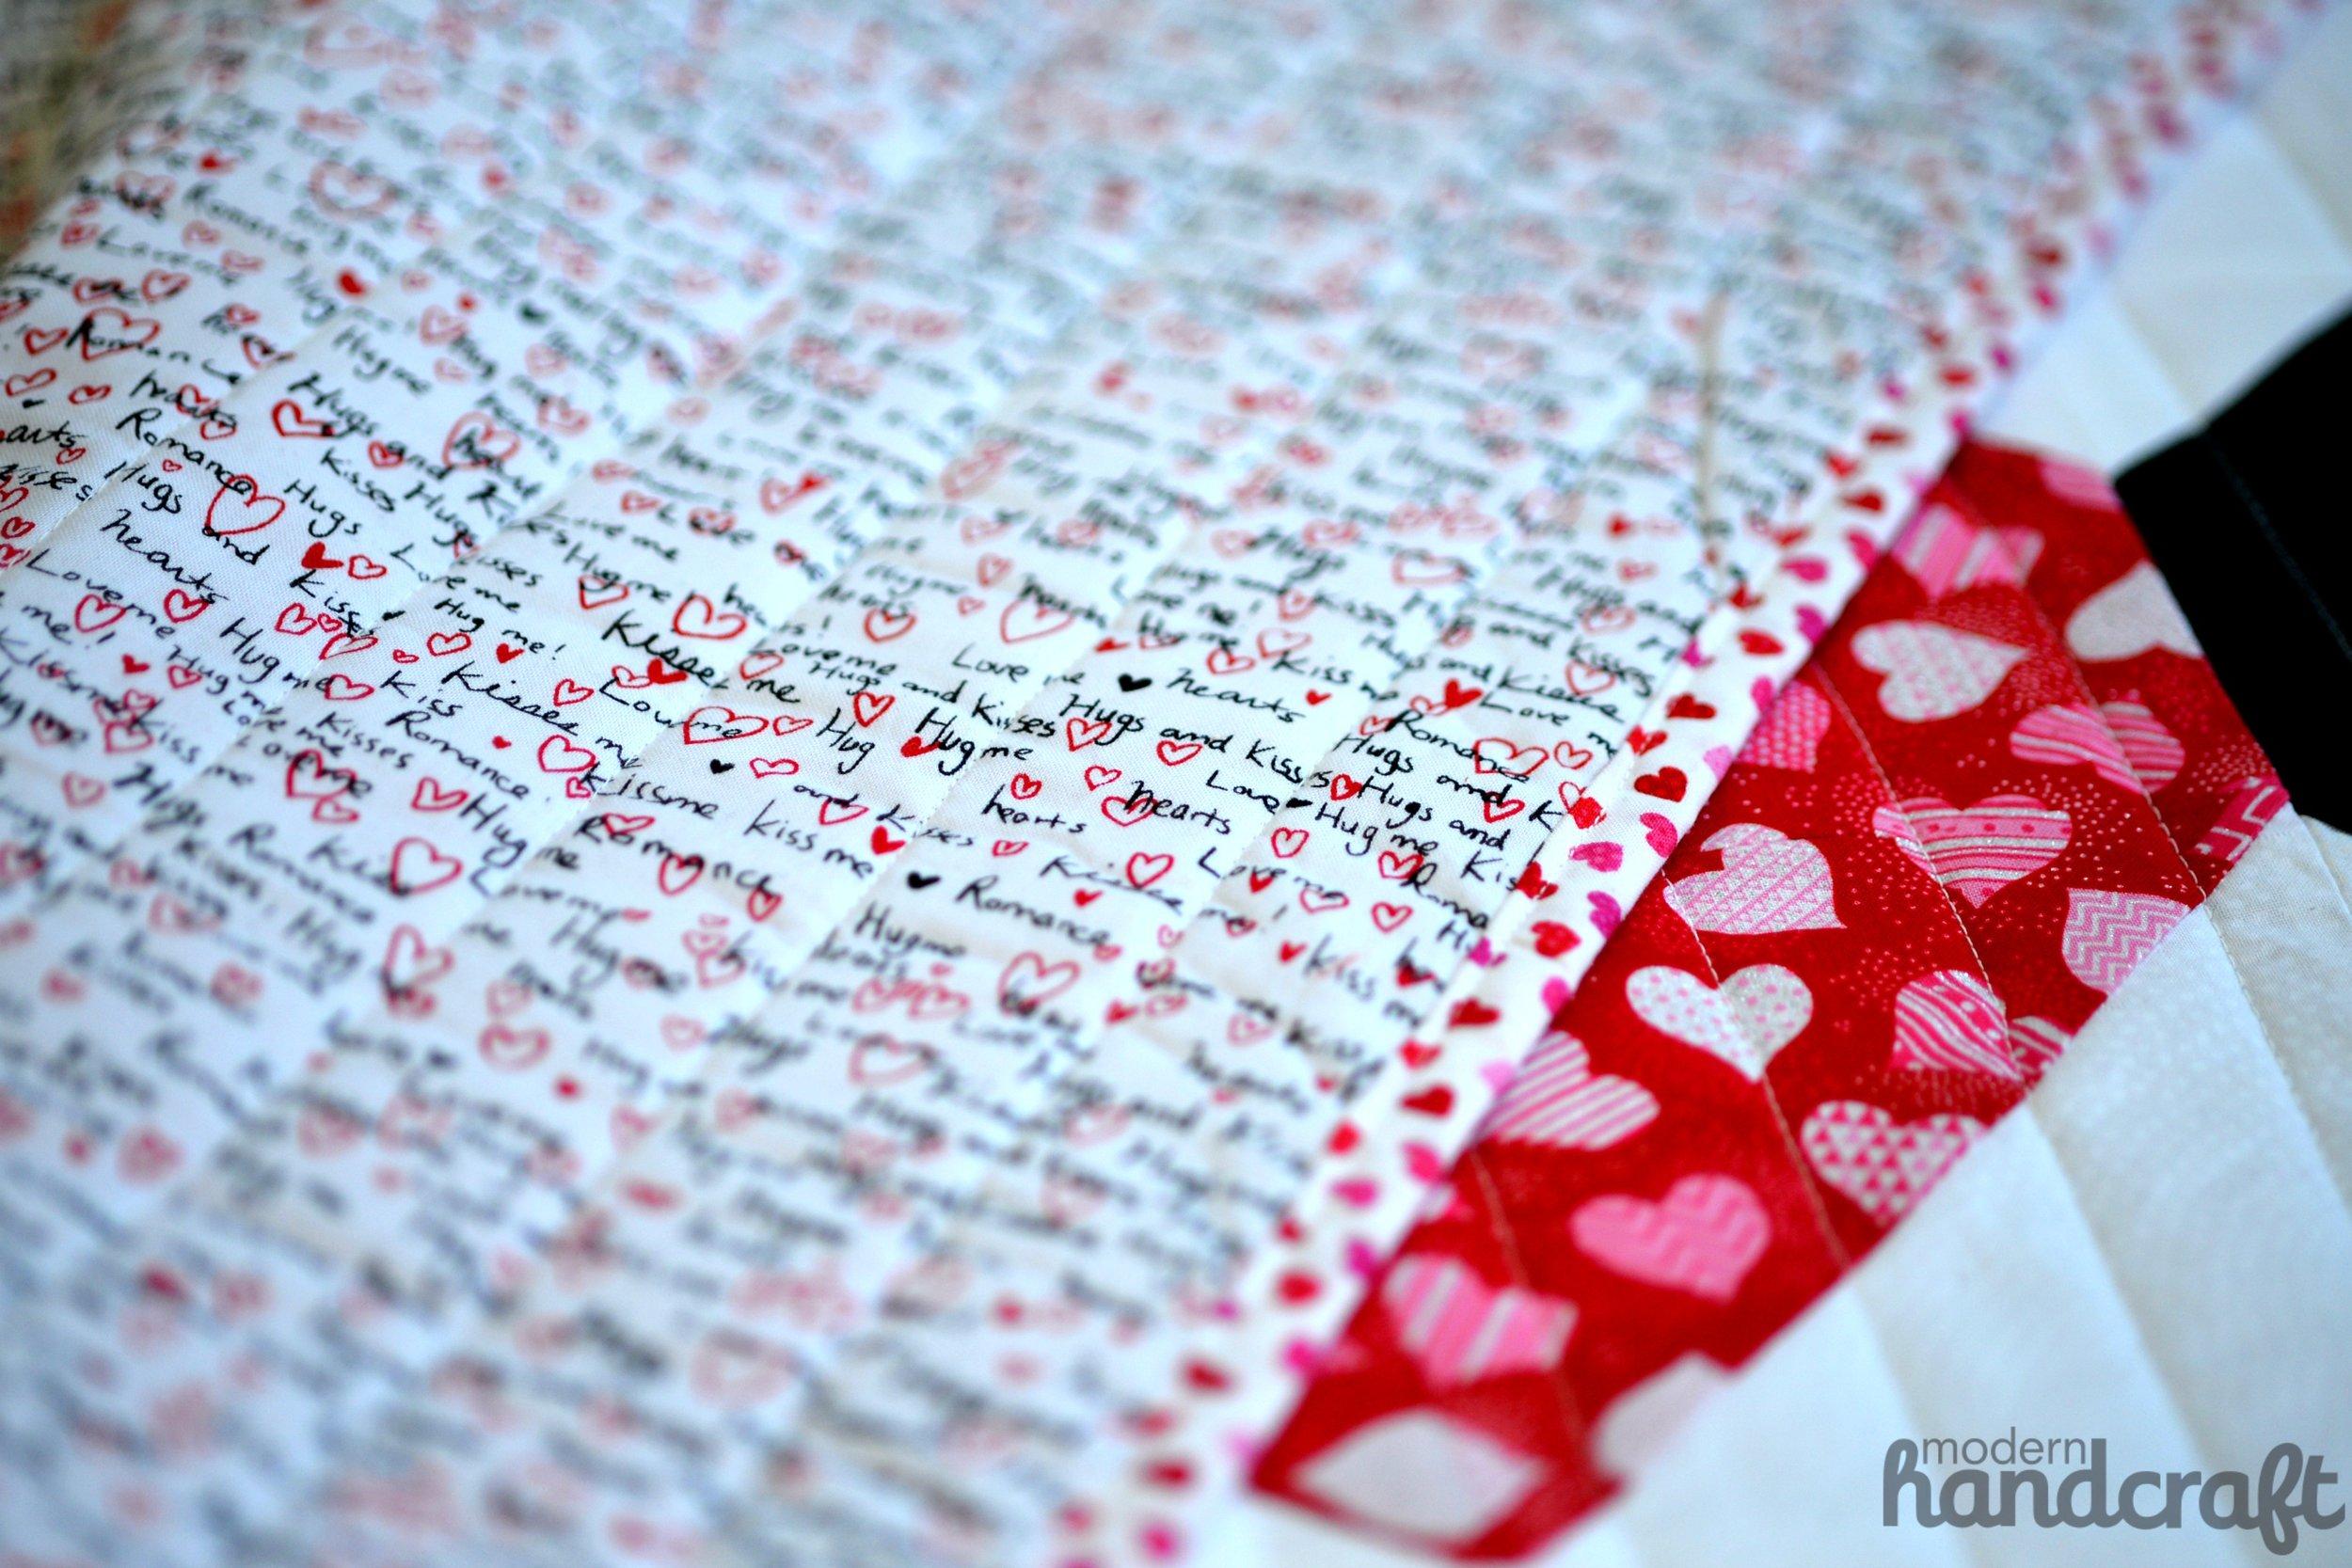 Iheart2